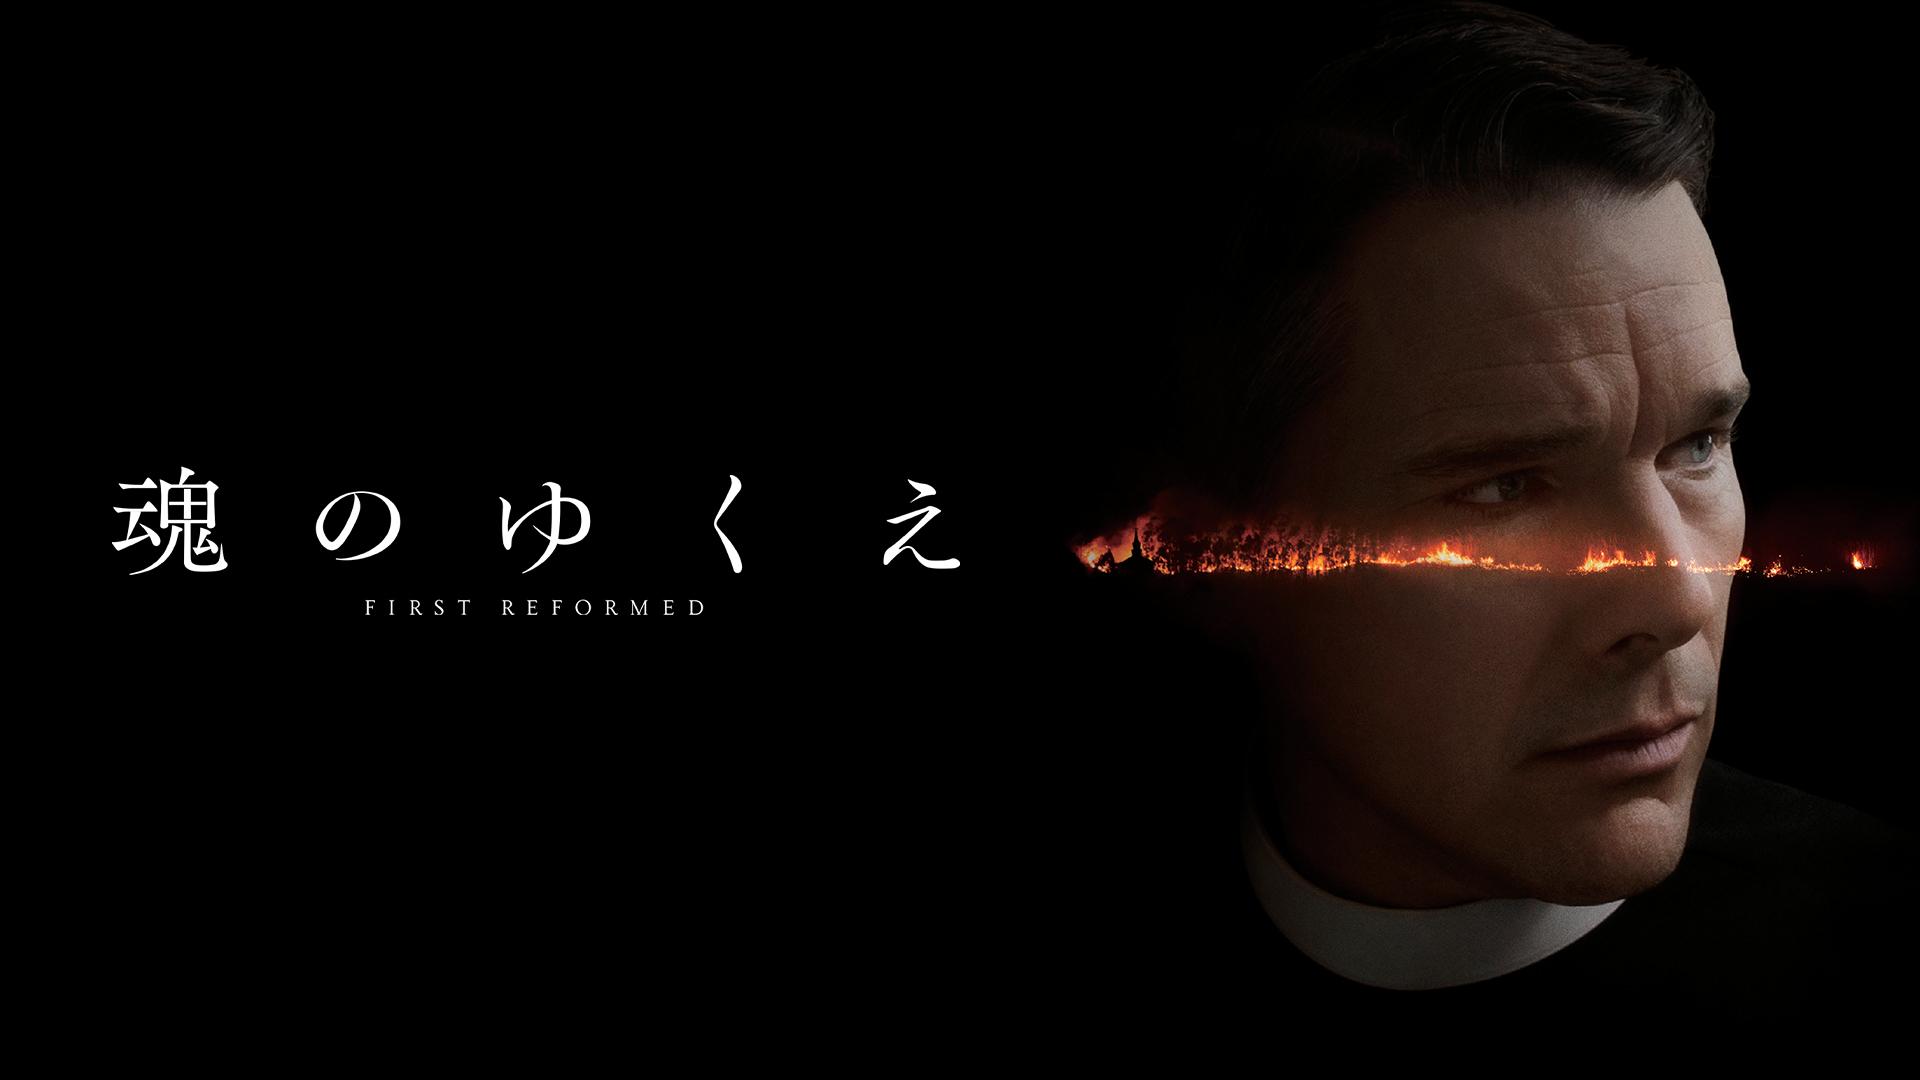 魂のゆくえ (字幕版)